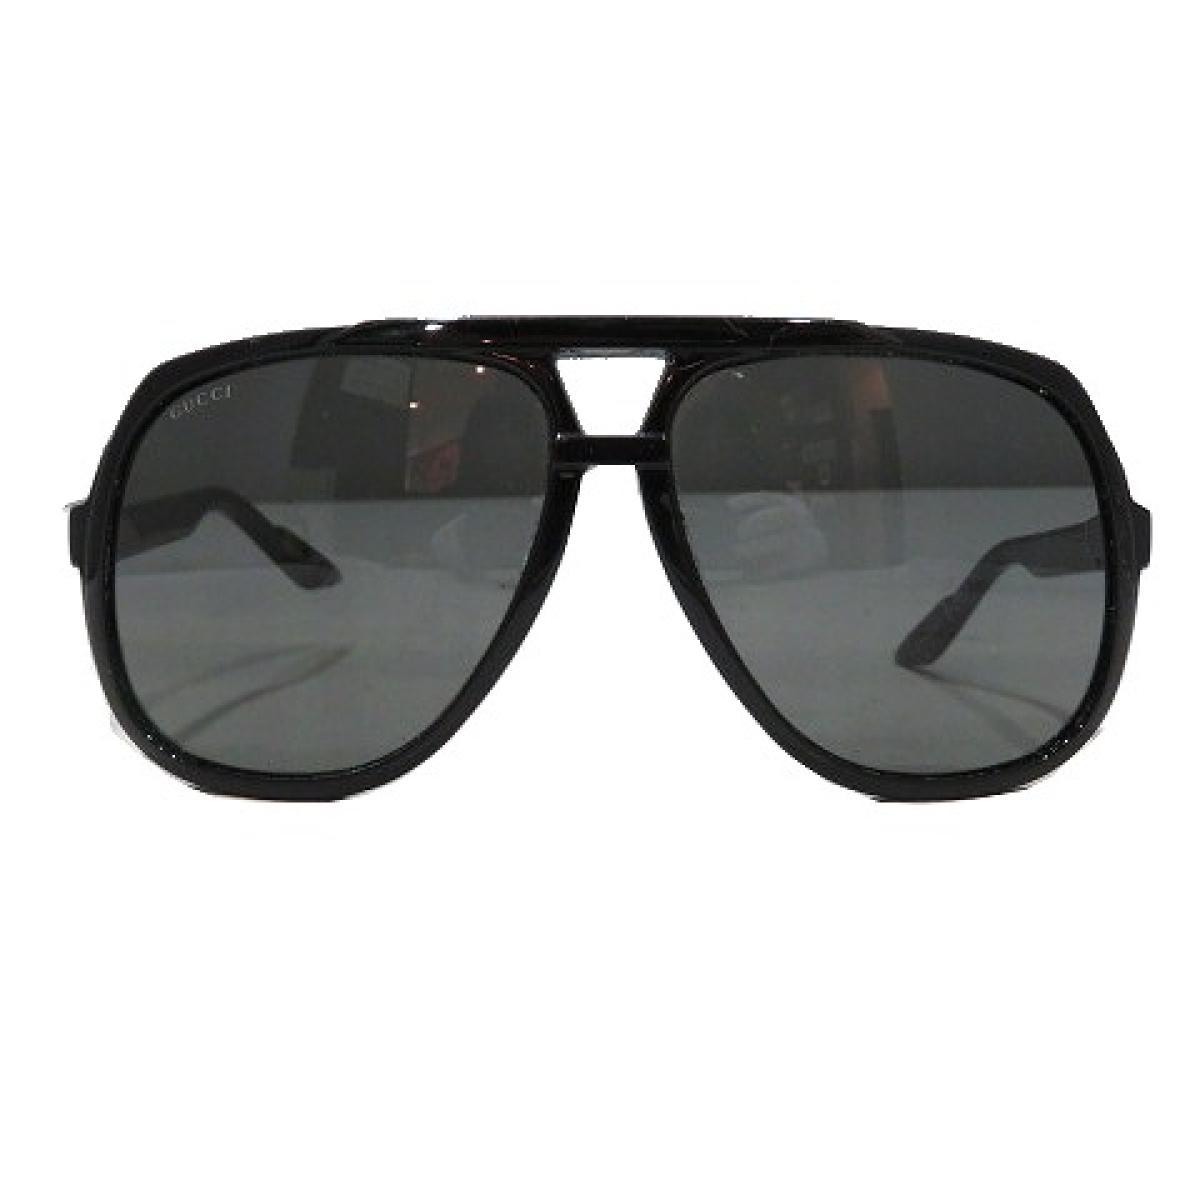 最新入荷 【中古】 グッチ サングラス 雑貨 メンズ ブランド レディース プラスチック ブラック 眼鏡   GUCCI BRANDOFF ブランドオフ ブランド ブランド雑貨 小物 雑貨 眼鏡 メガネ めがね, マイハラチョウ:7de92f60 --- towertechwest.ca